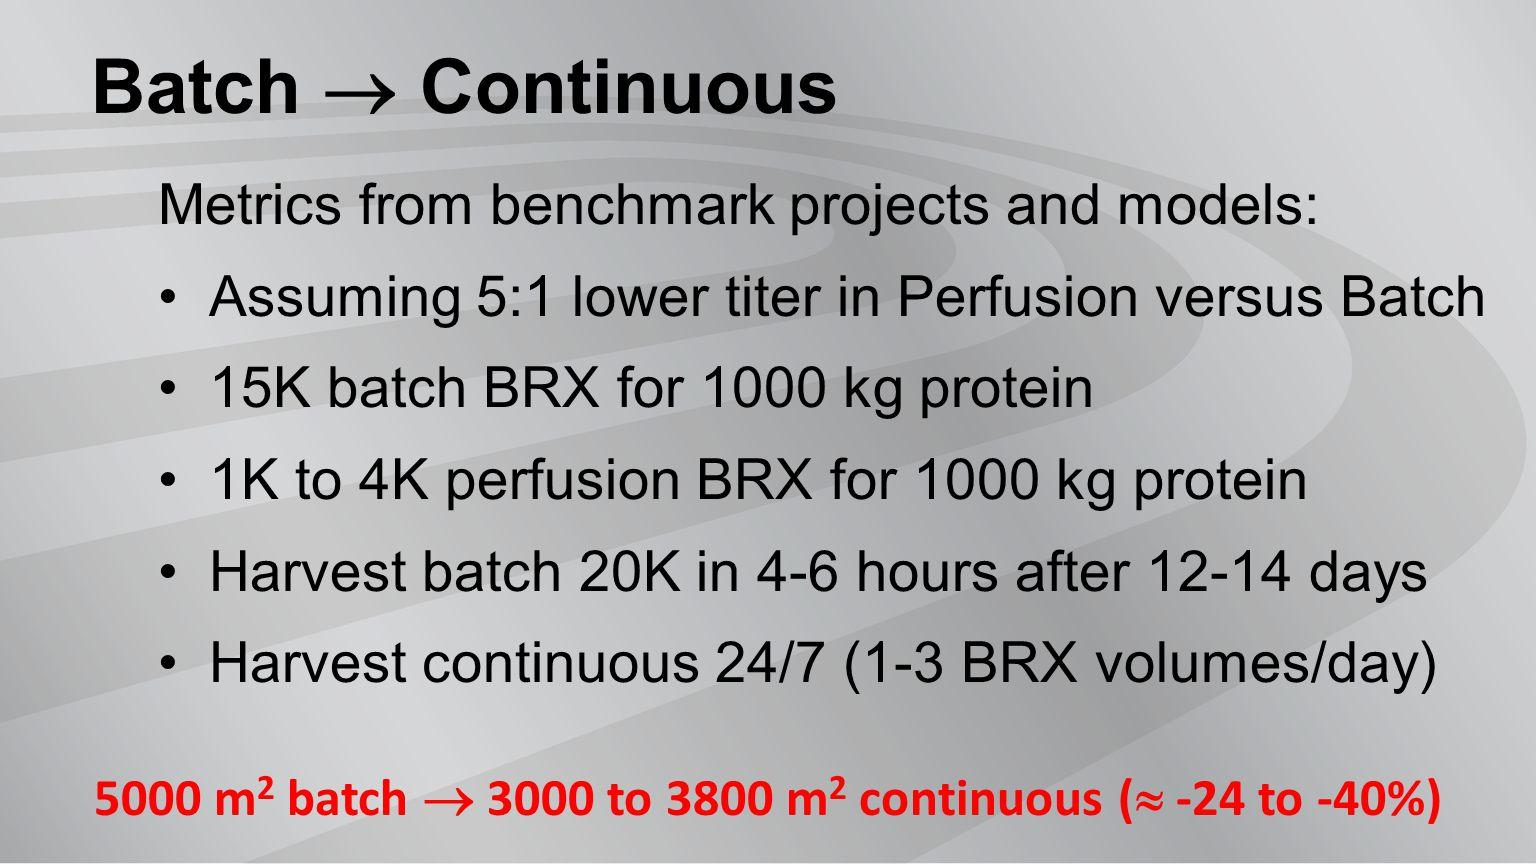 Batch  Continuous Assume no change Assume 24% reduction